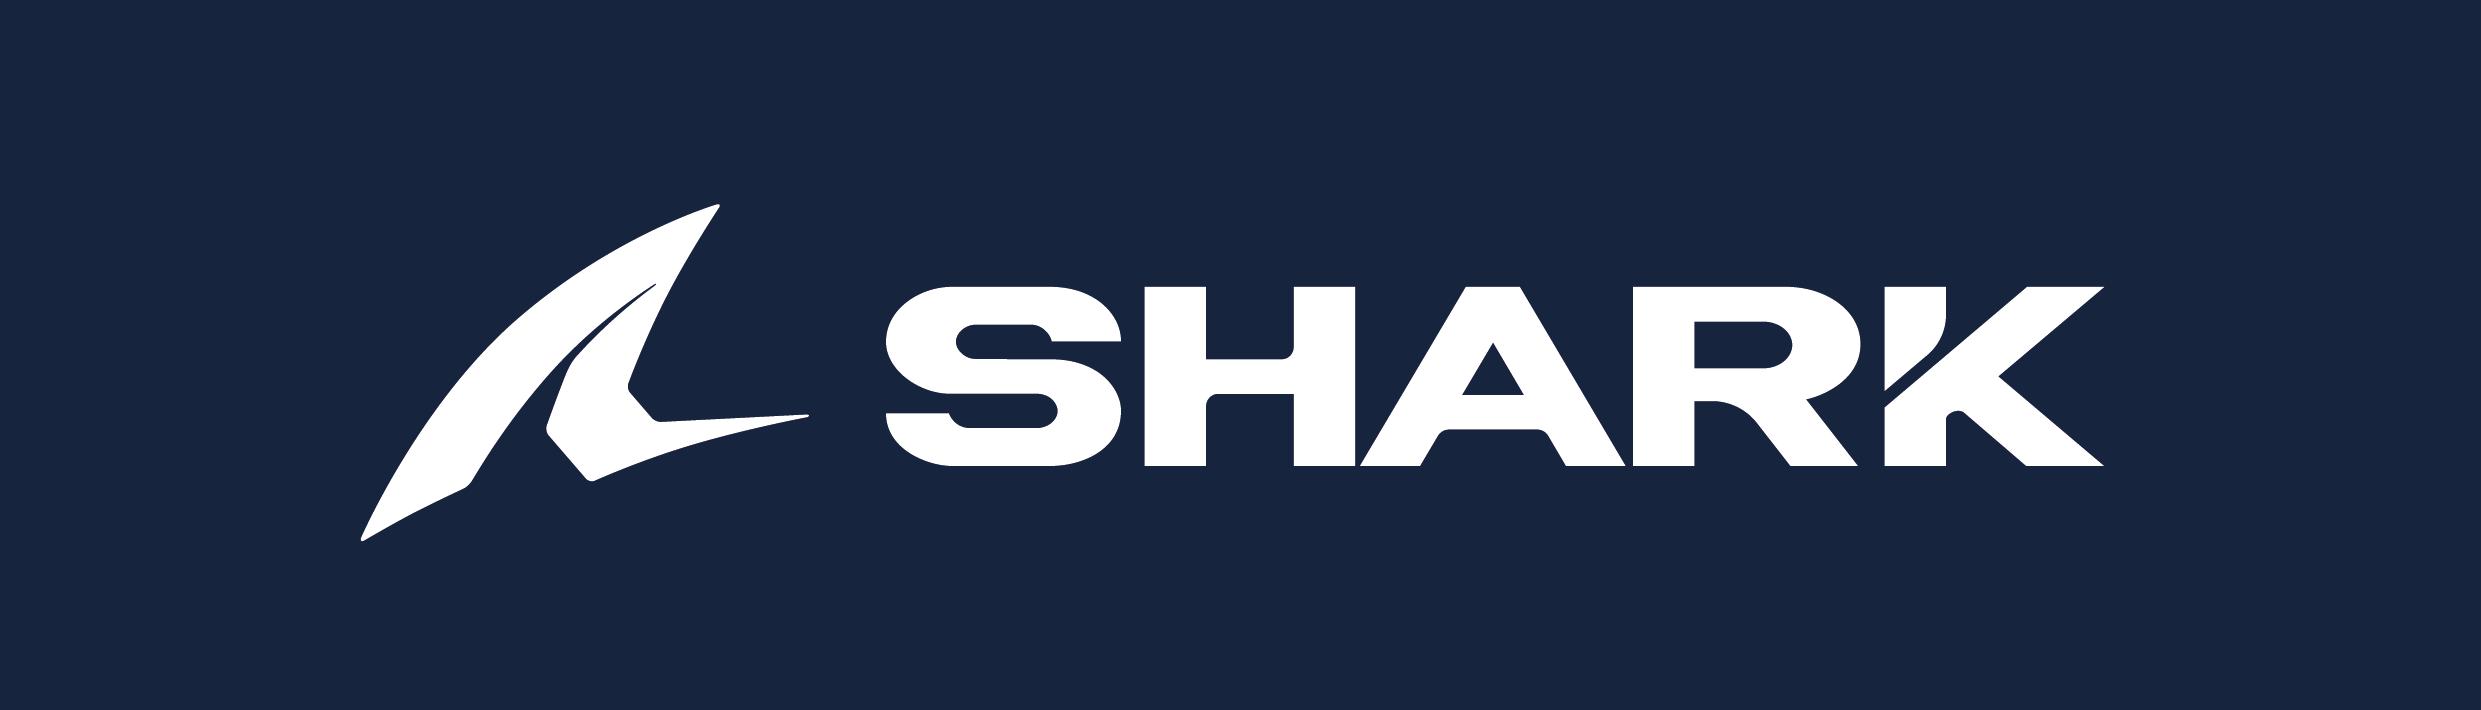 Shark Helmets 1